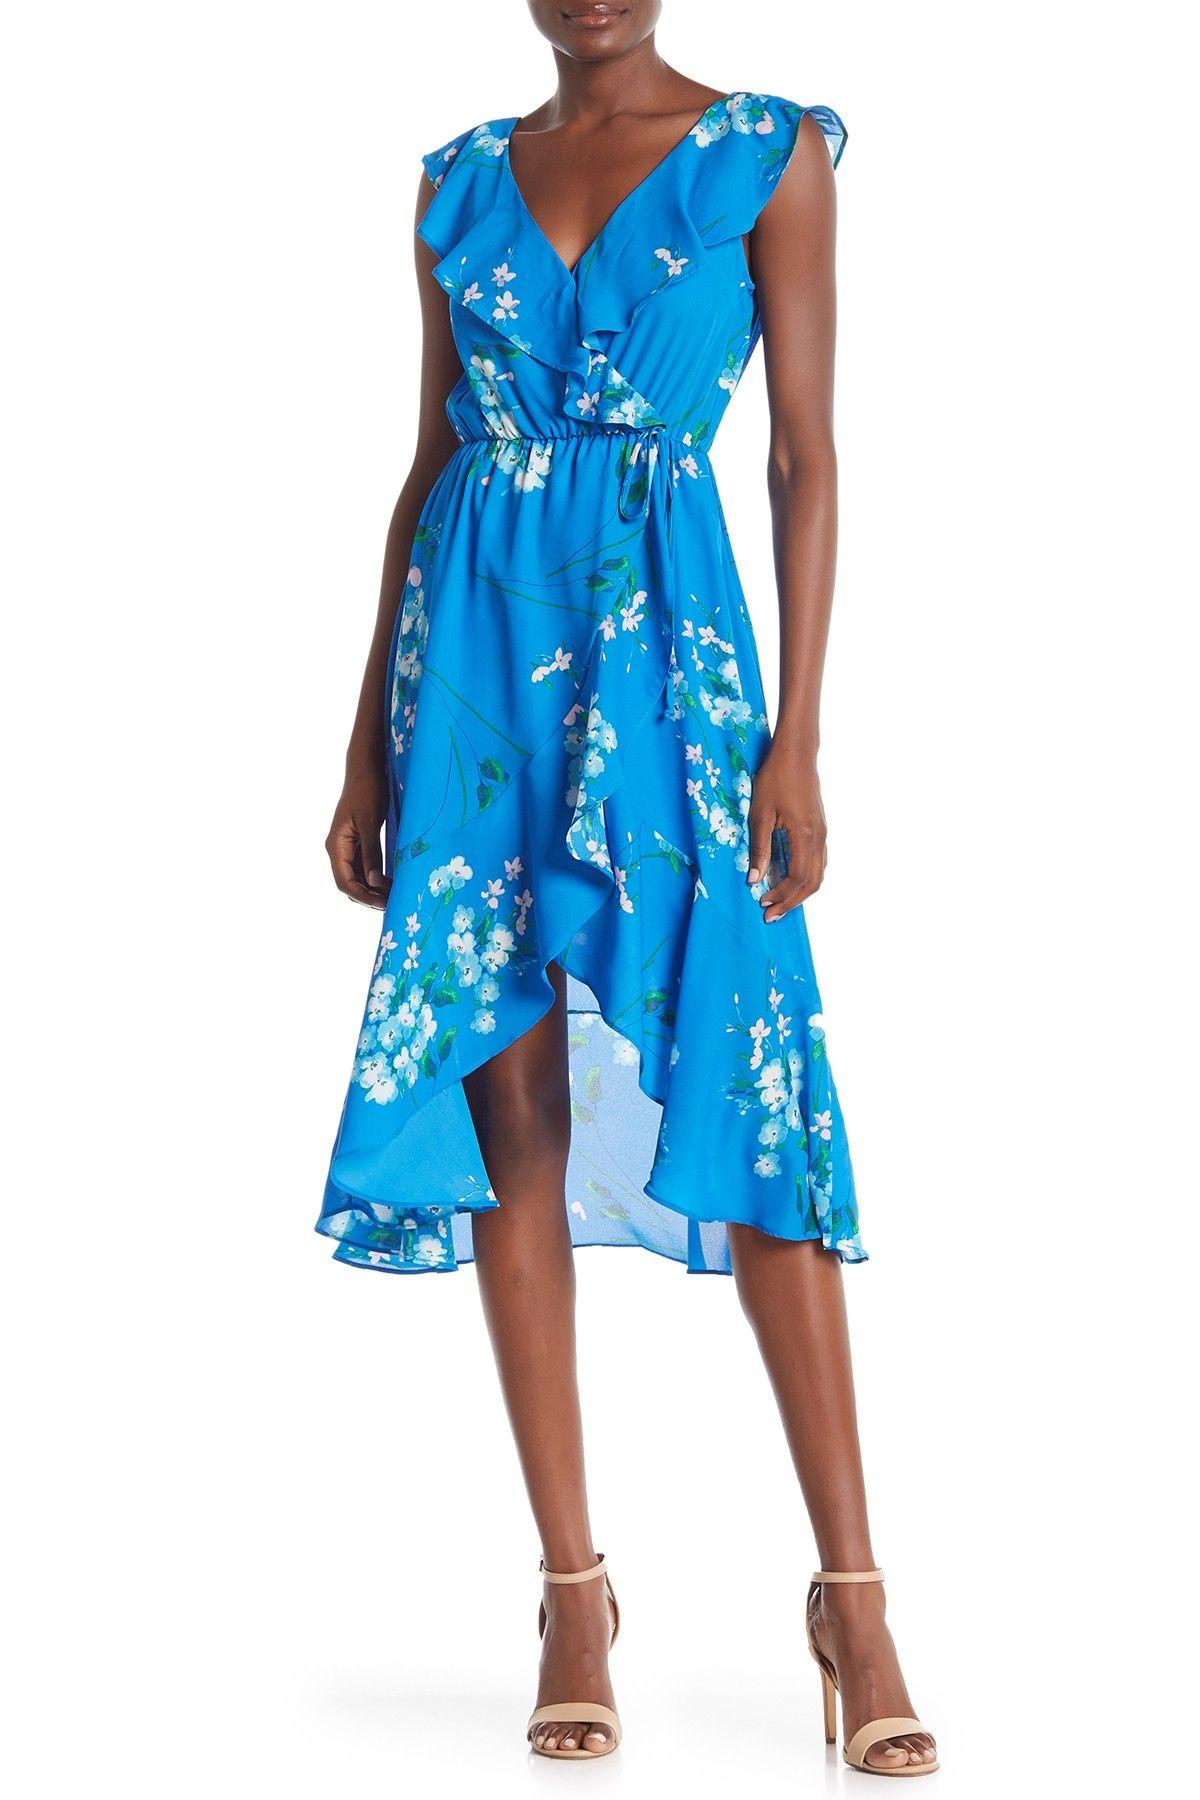 Socialite Ruffled Faux Wrap High Low Midi Dress Nordstrom Rack High Low Midi Dress Bright Blue Midi Dress Midi Dress [ 1800 x 1200 Pixel ]